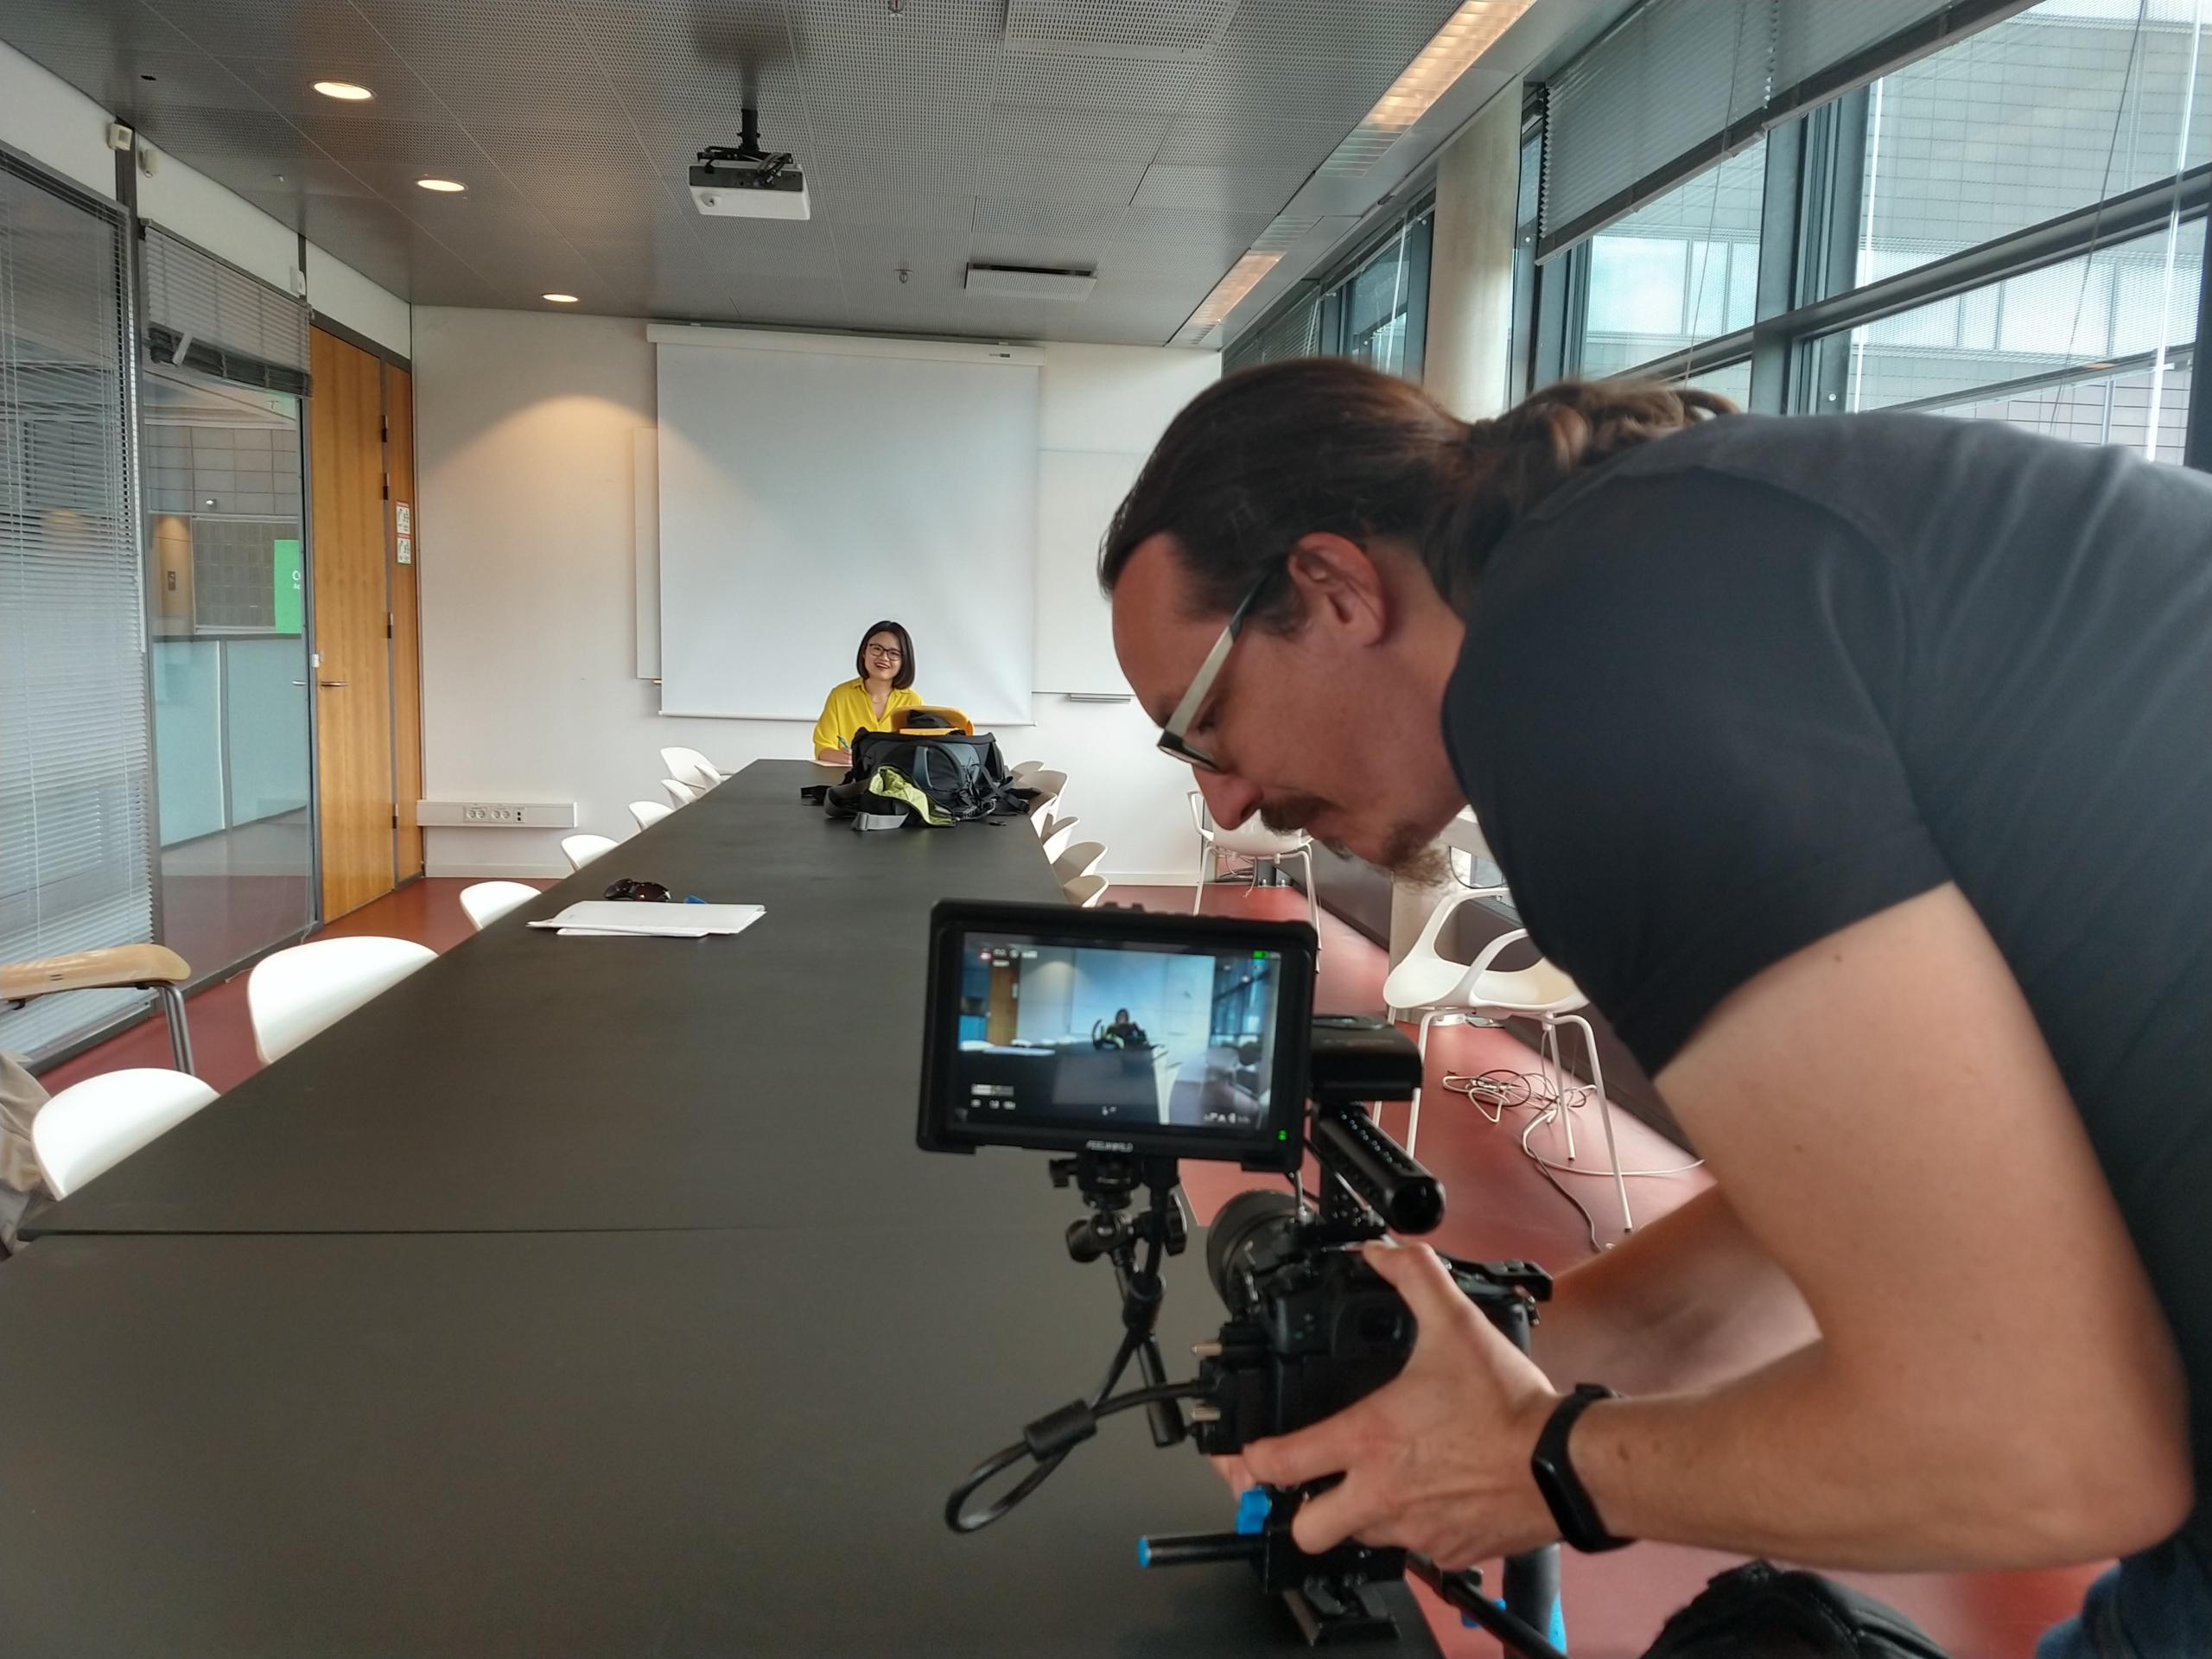 Augenblick Film: Optagelse - videoproduktion